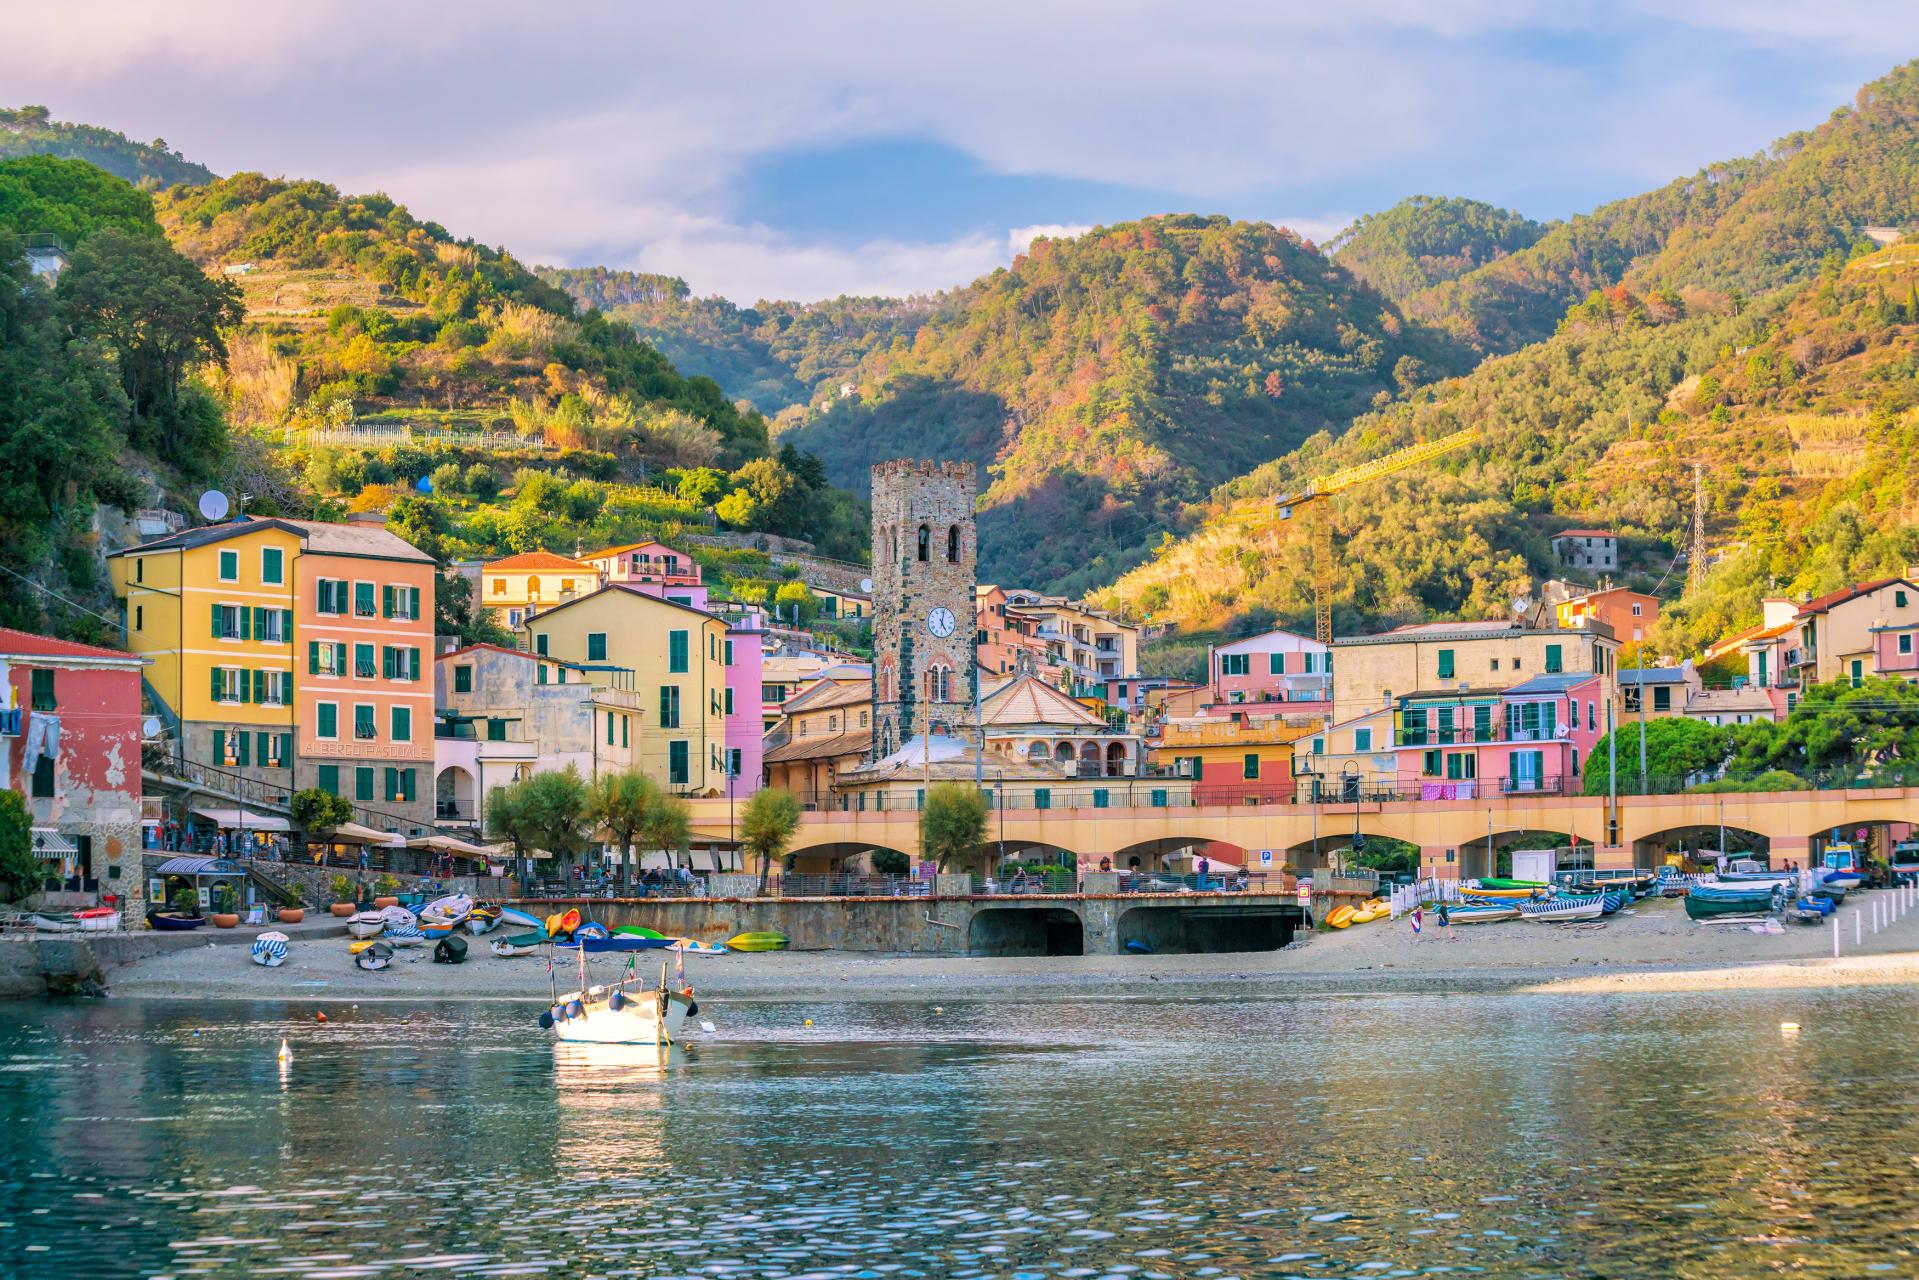 Cinque Terre & Portovenere - Monterosso al Mare – A Place to Appreciate The Traditions.